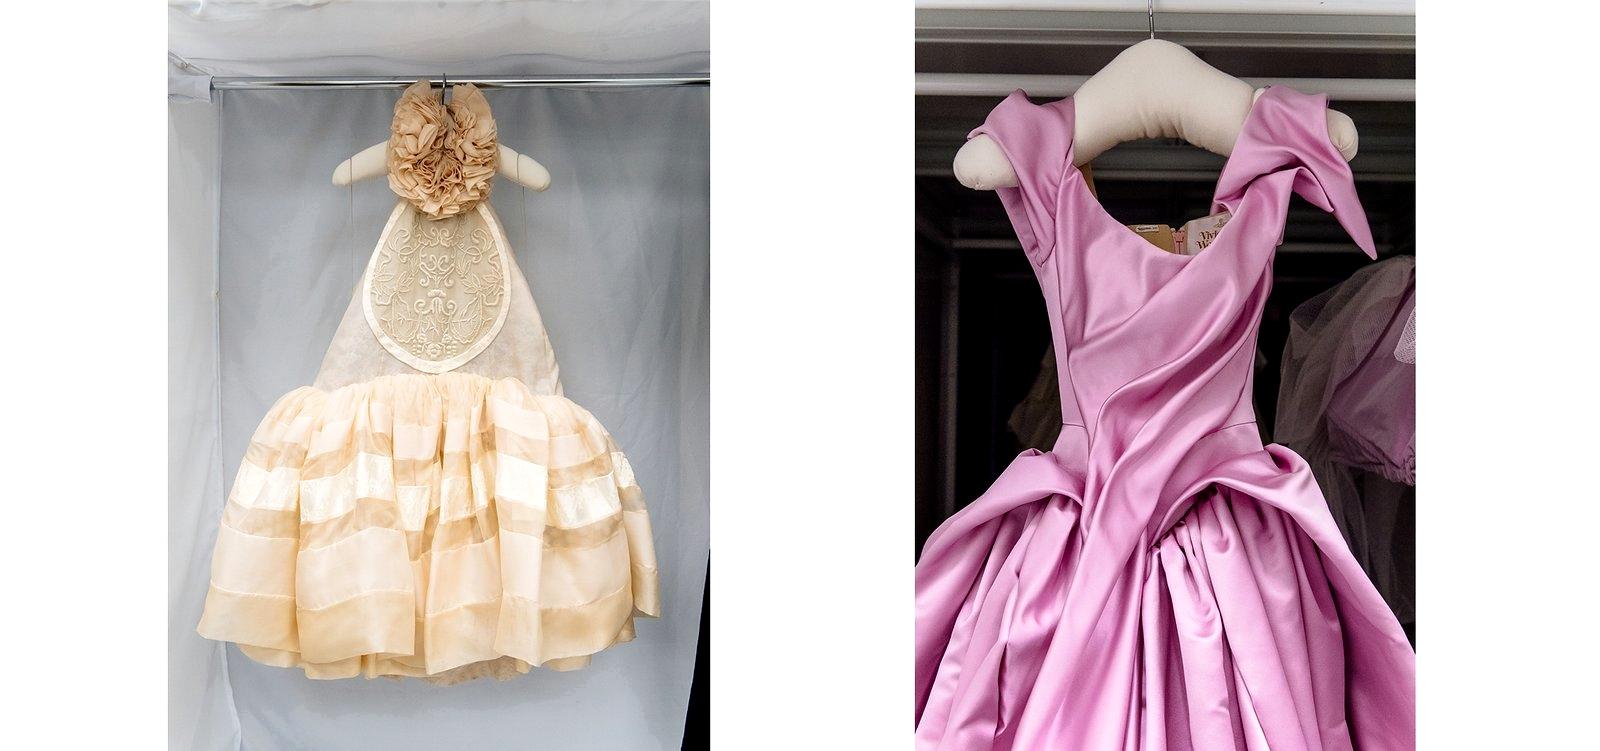 Метрополитен-музей - история моды, задокументированная в платьях